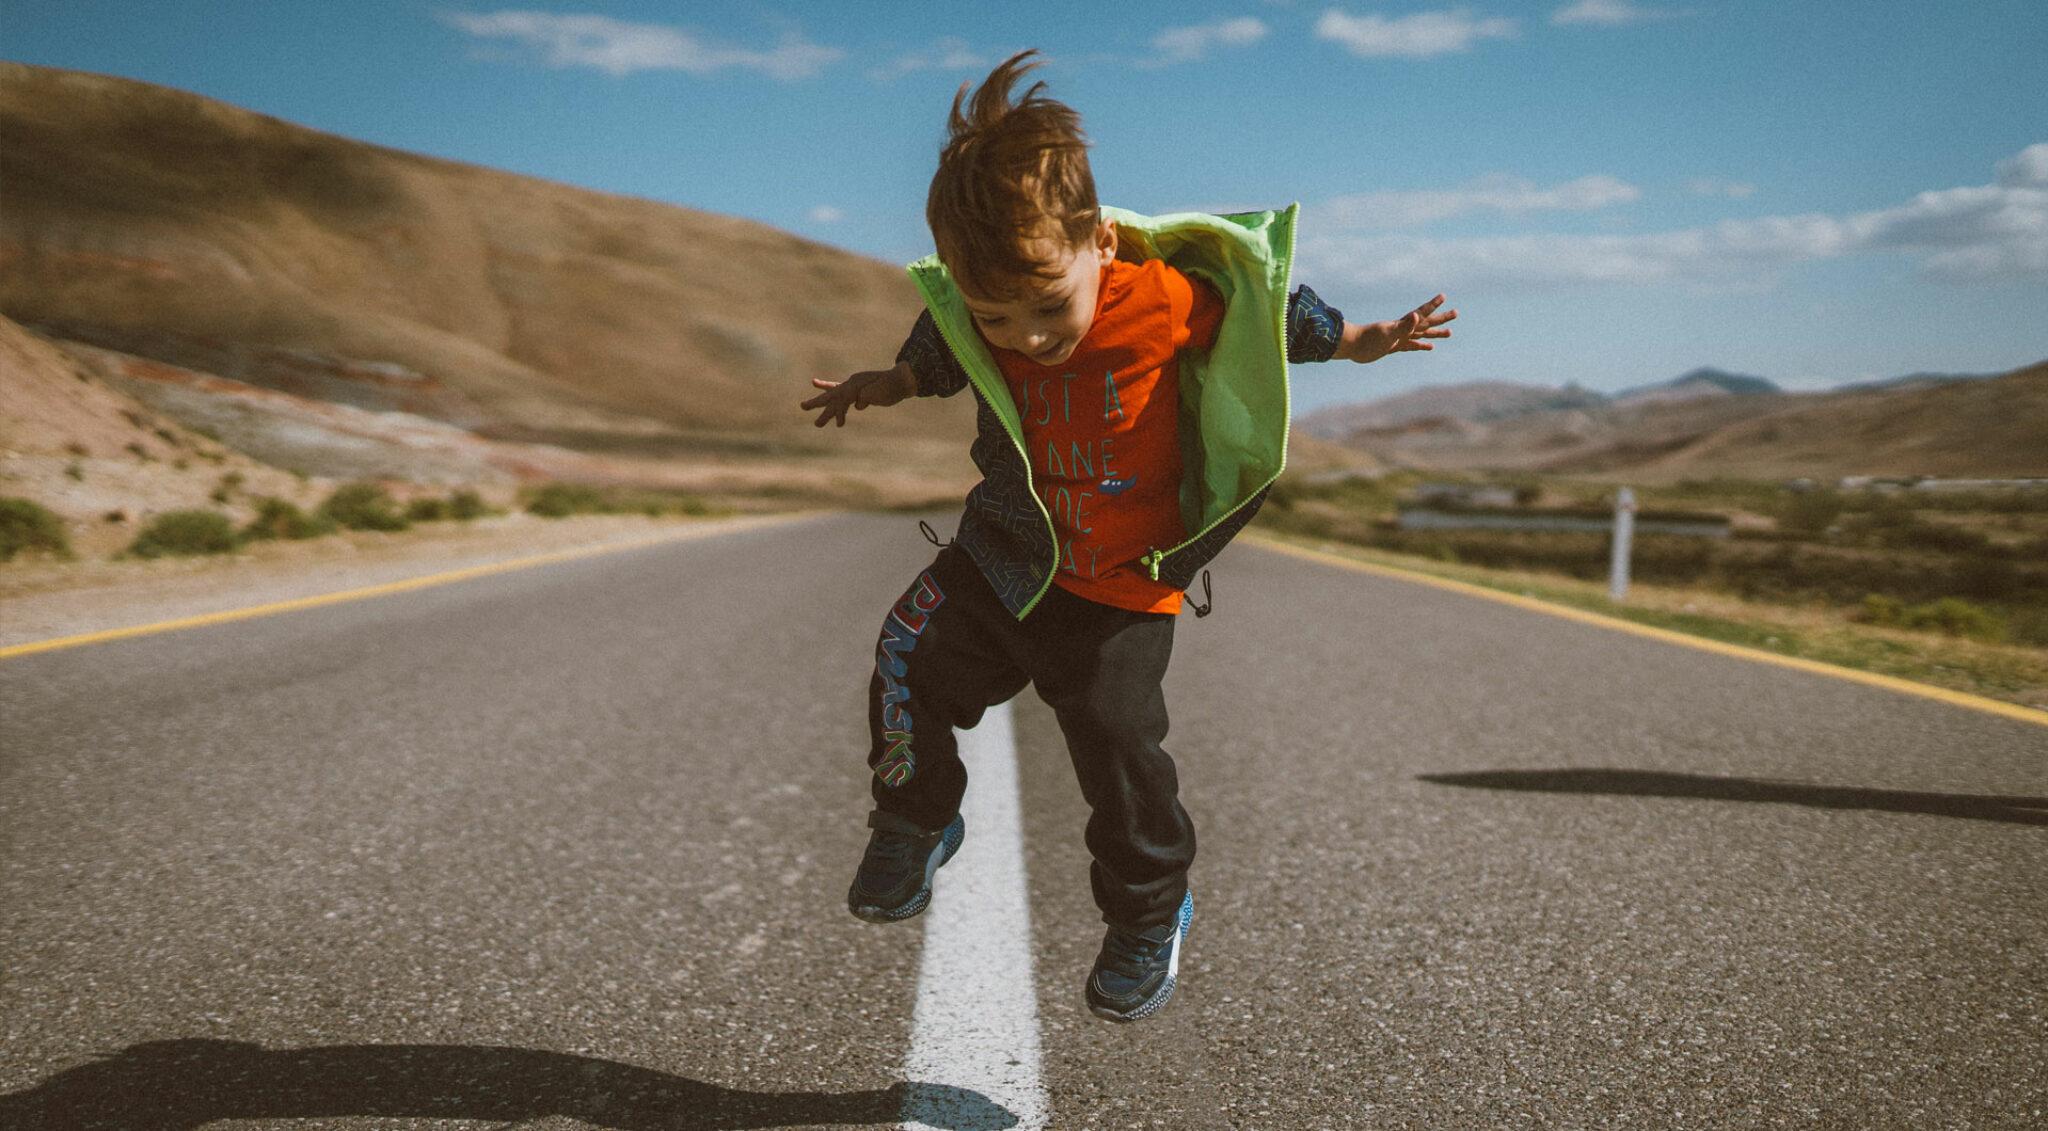 Ein Junge springt auf einer leeren Straße in die Luft.